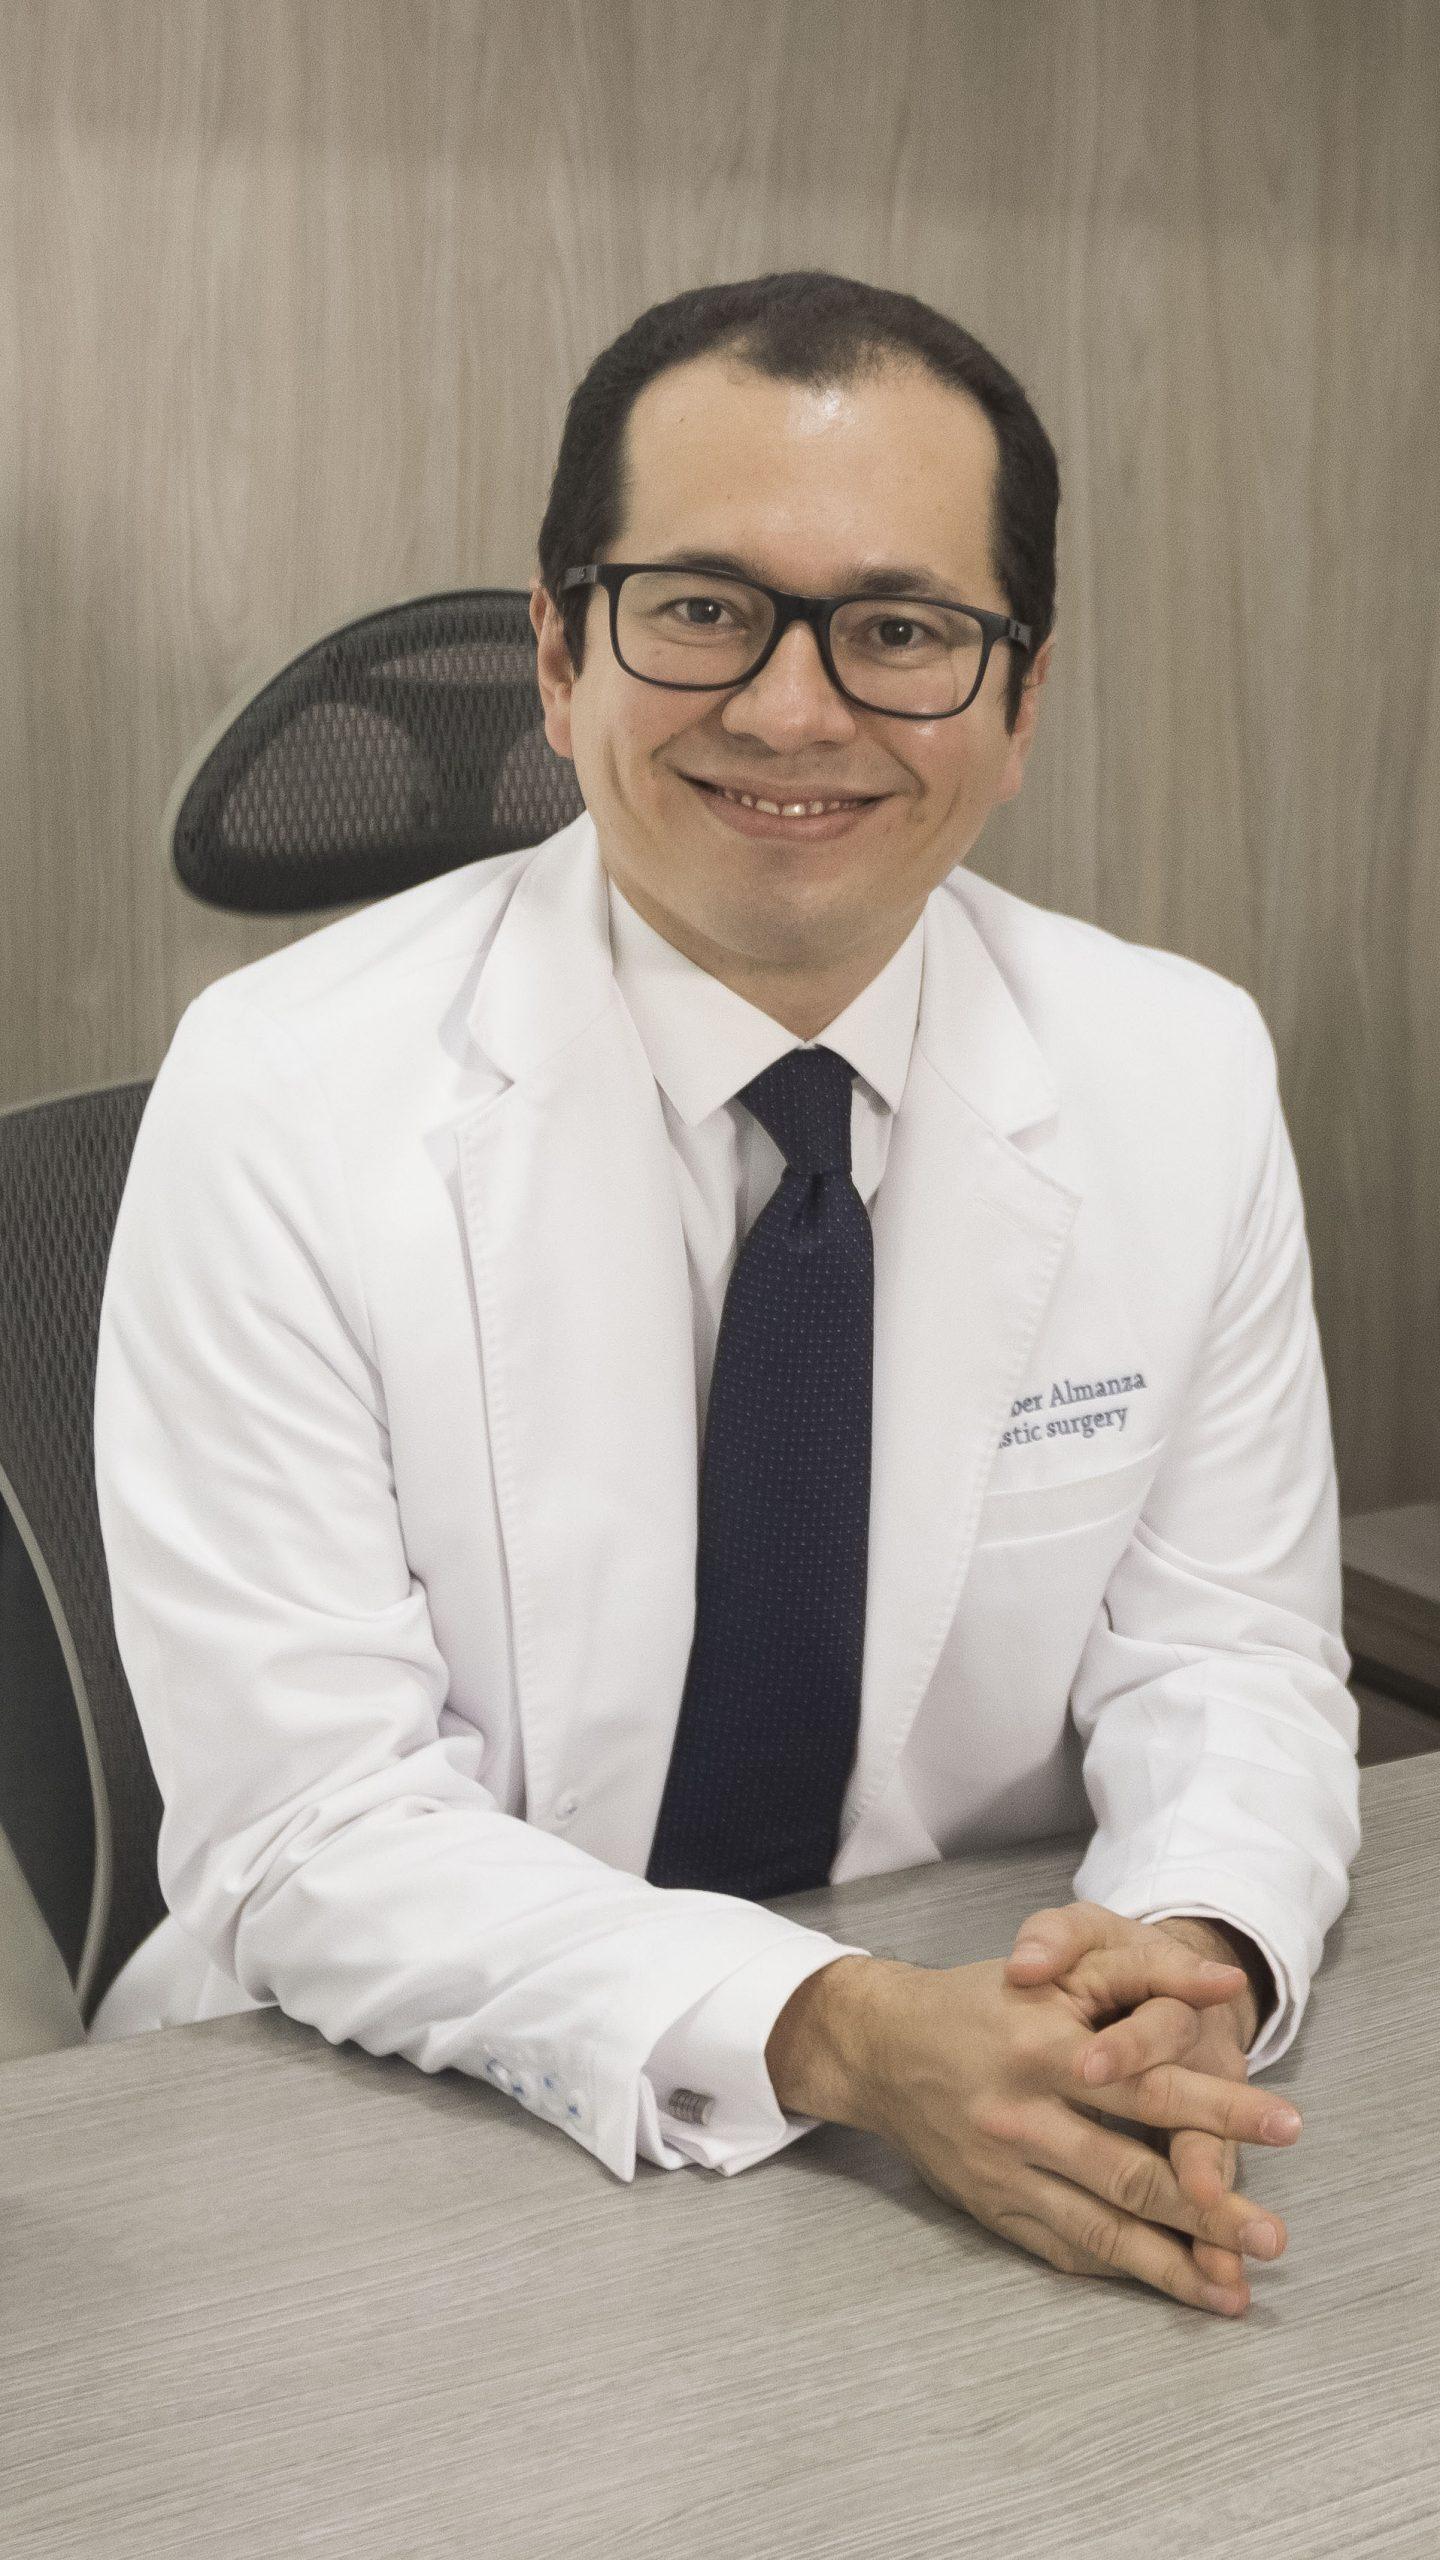 Dr. Ruber Almanza